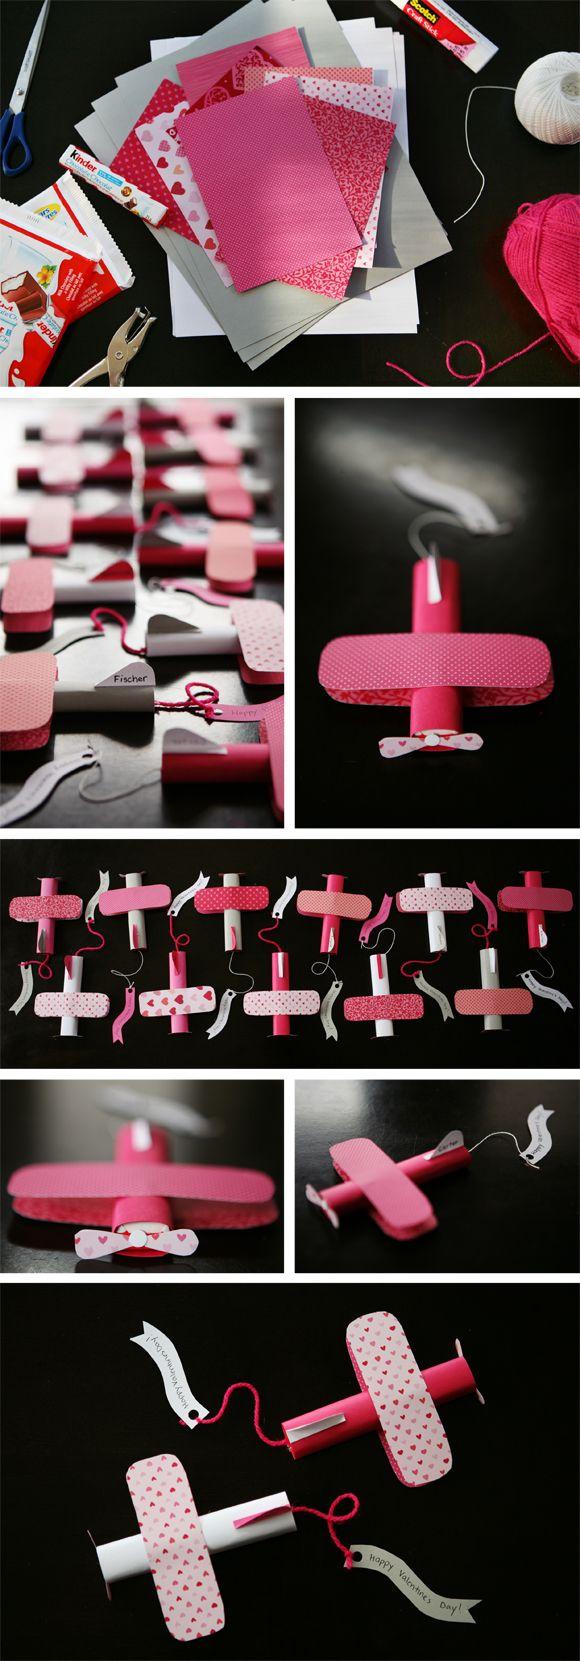 Des petits avions chocolat ! Excellente idée pour un goûter d'anniversaire !<3